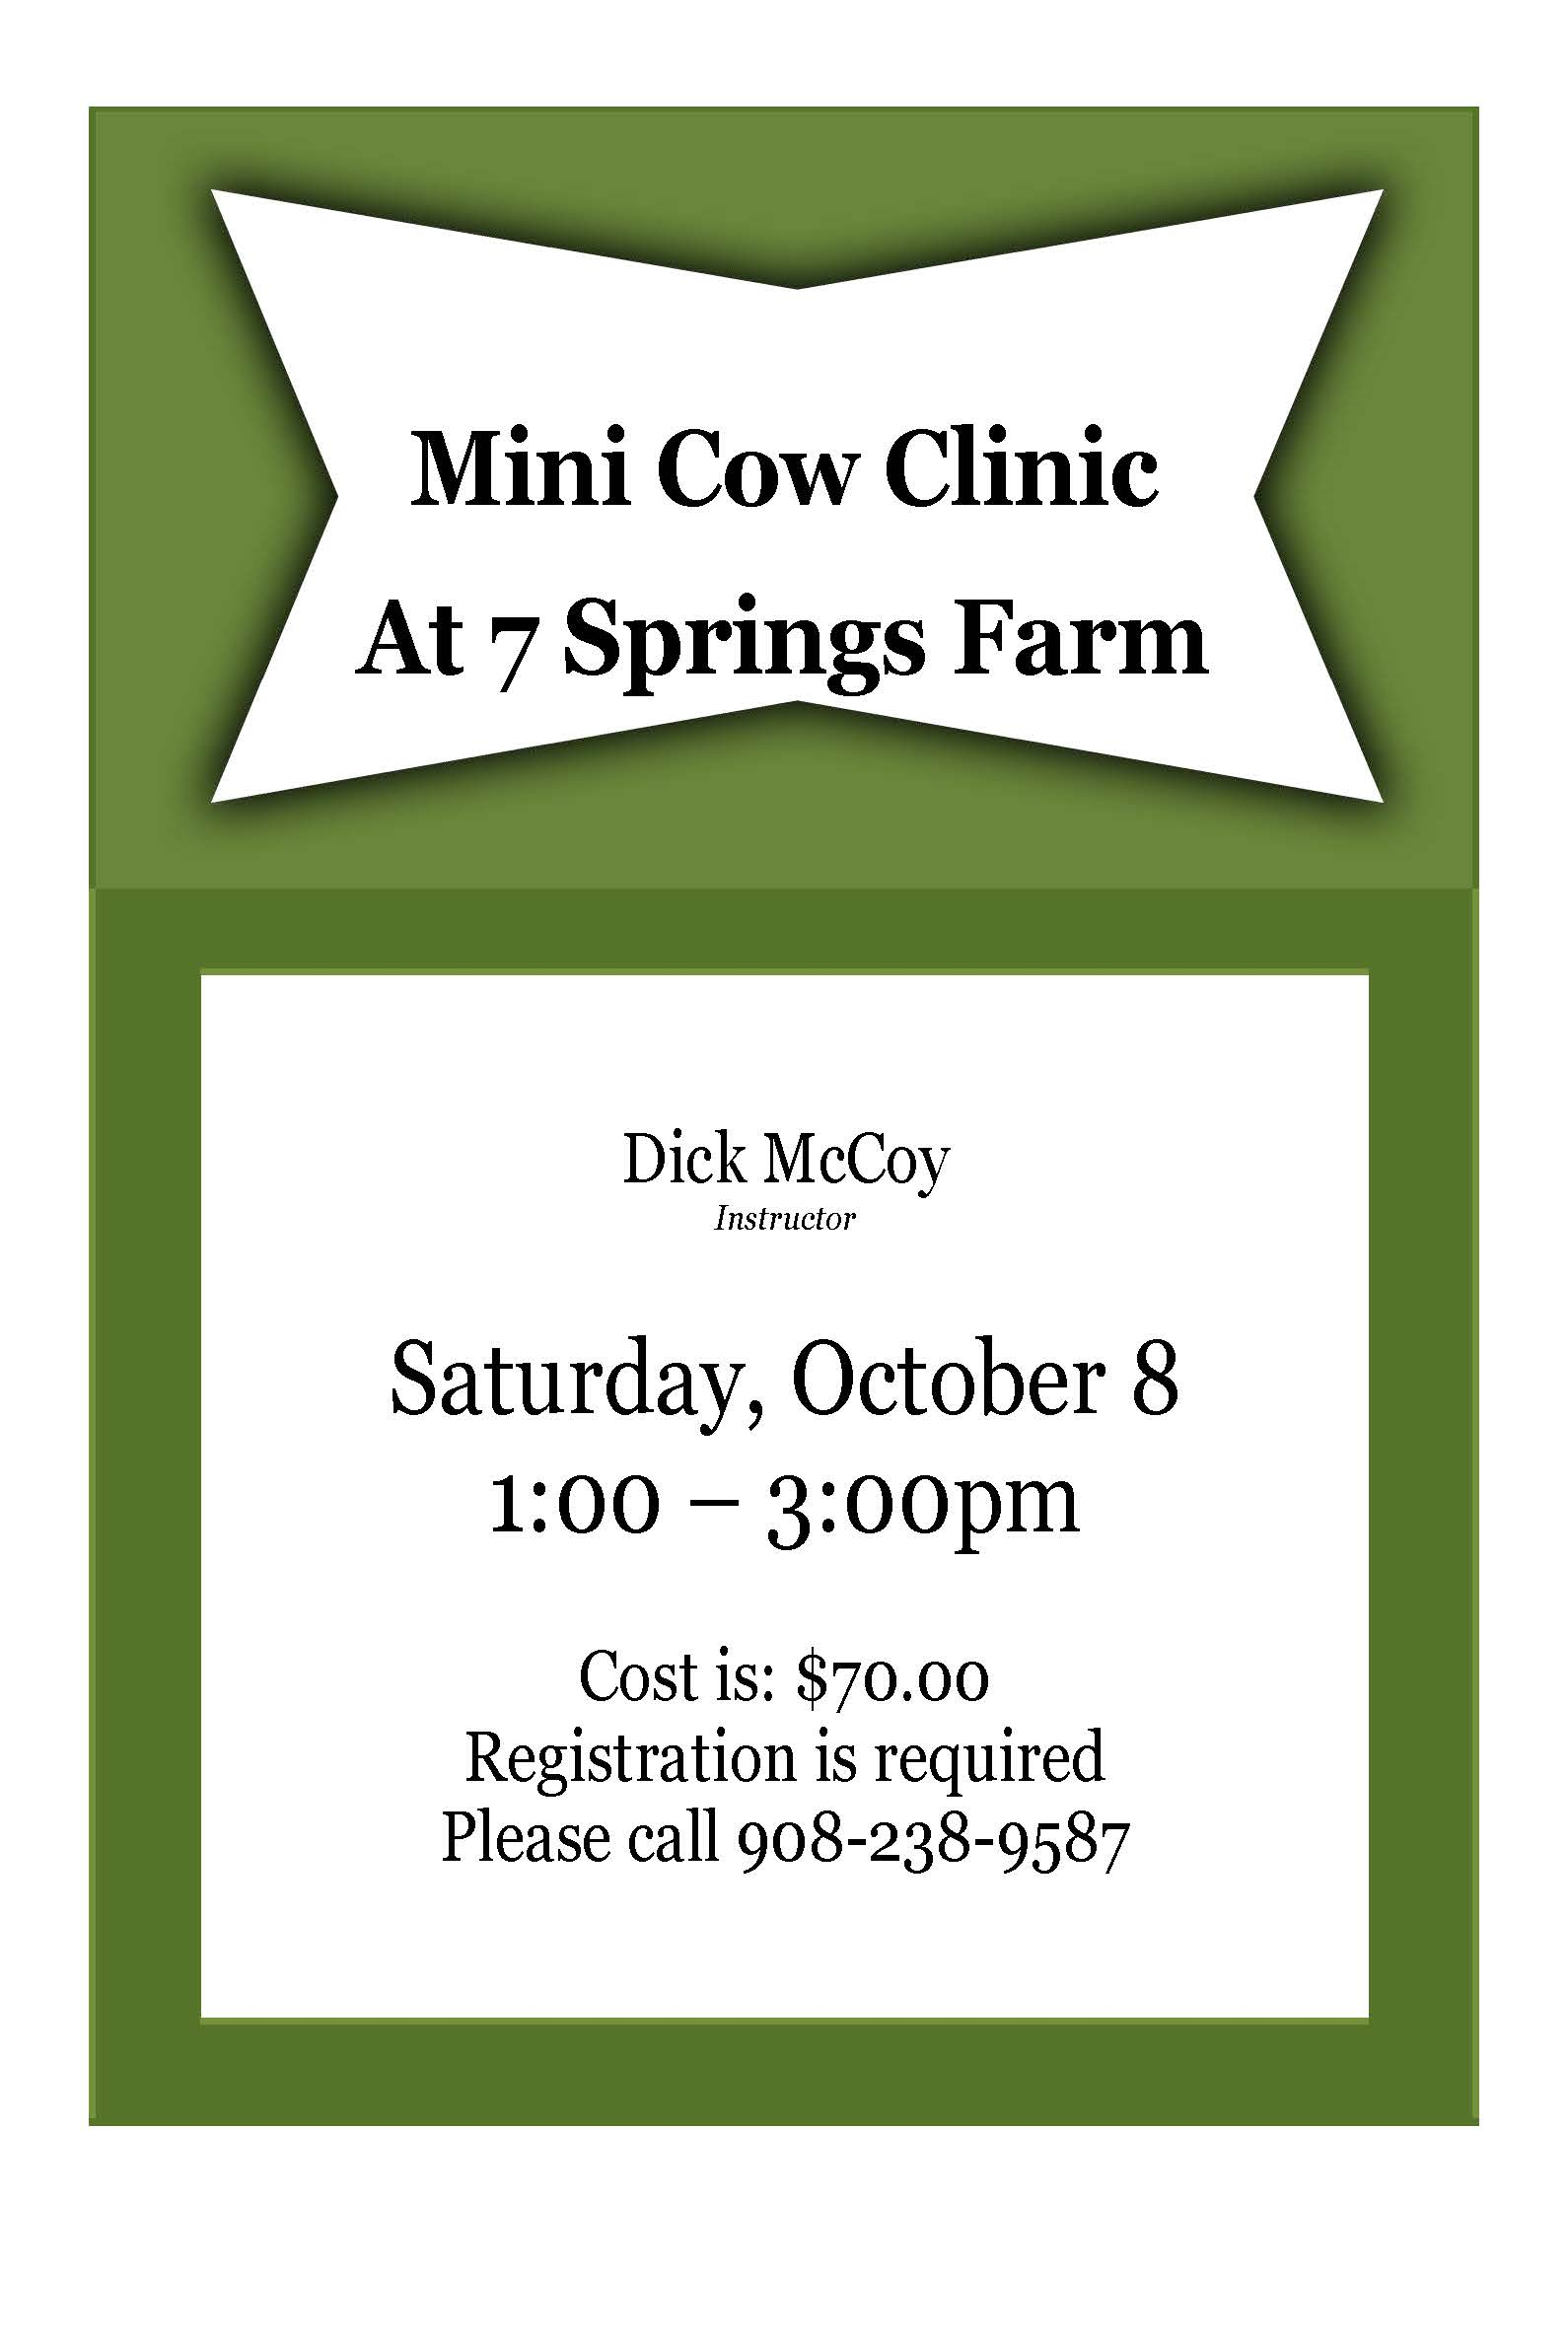 7-springs-farm-2016-10-08-mini-cow-clinic